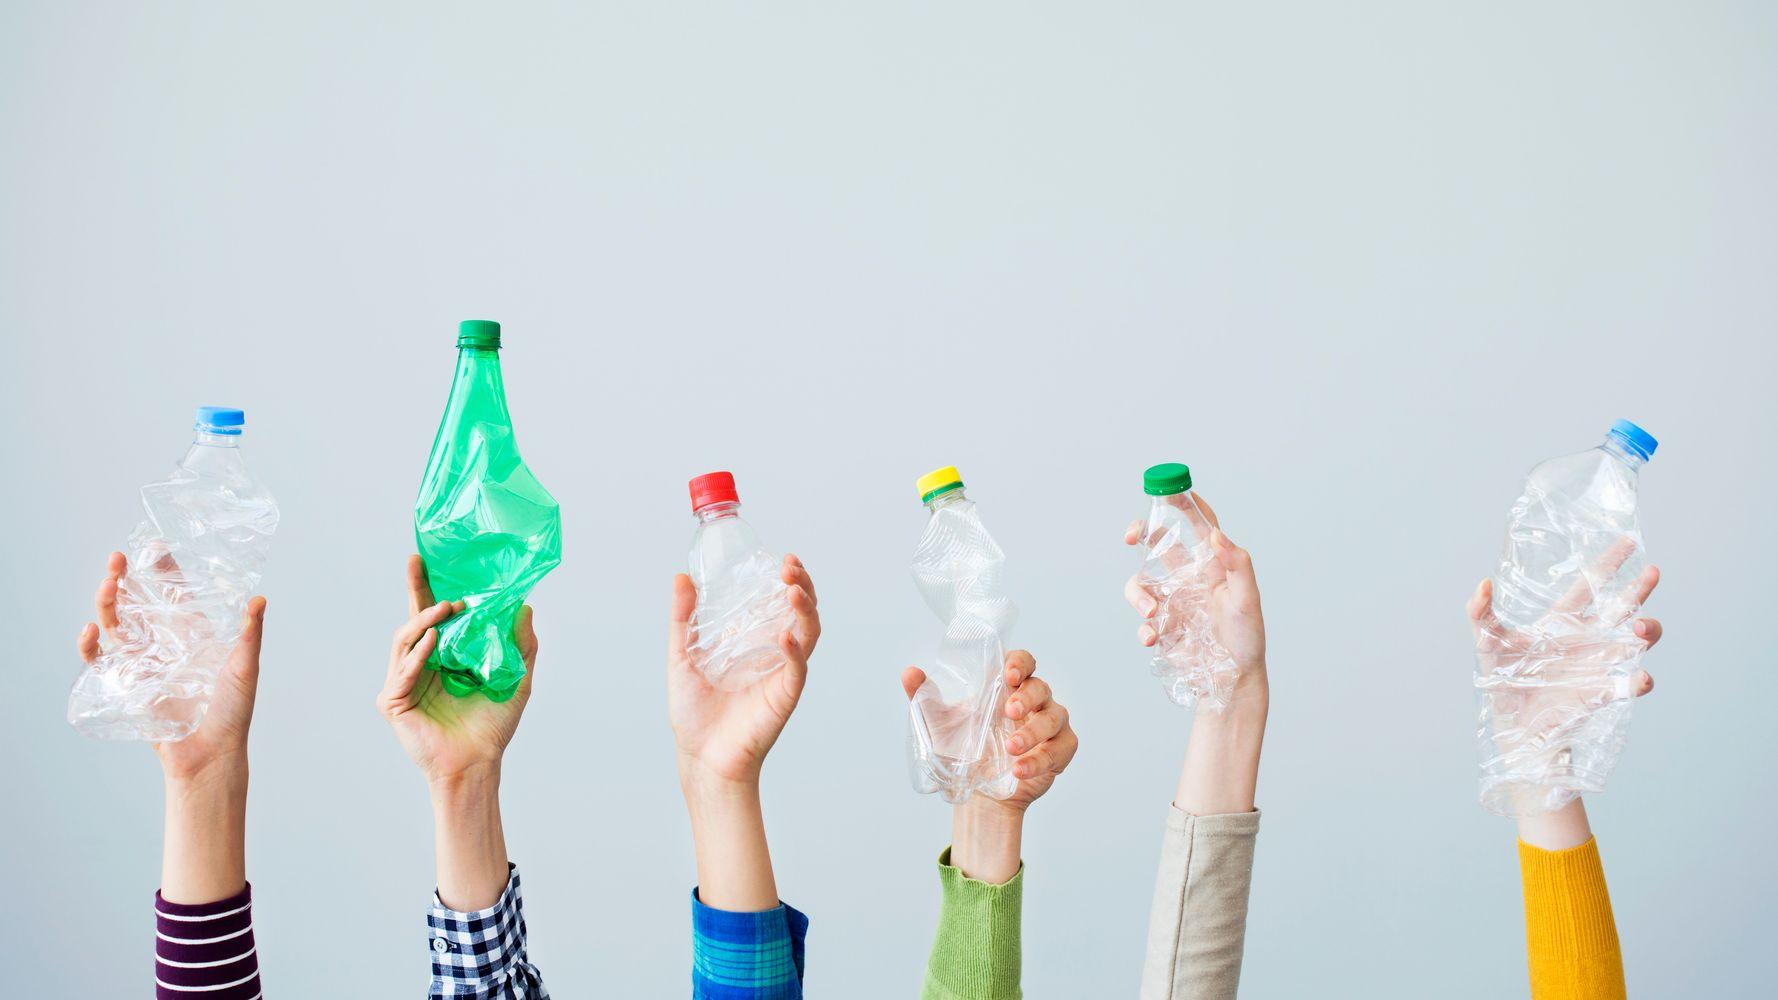 Tại sao plastic là một thảm họa của trái đất?